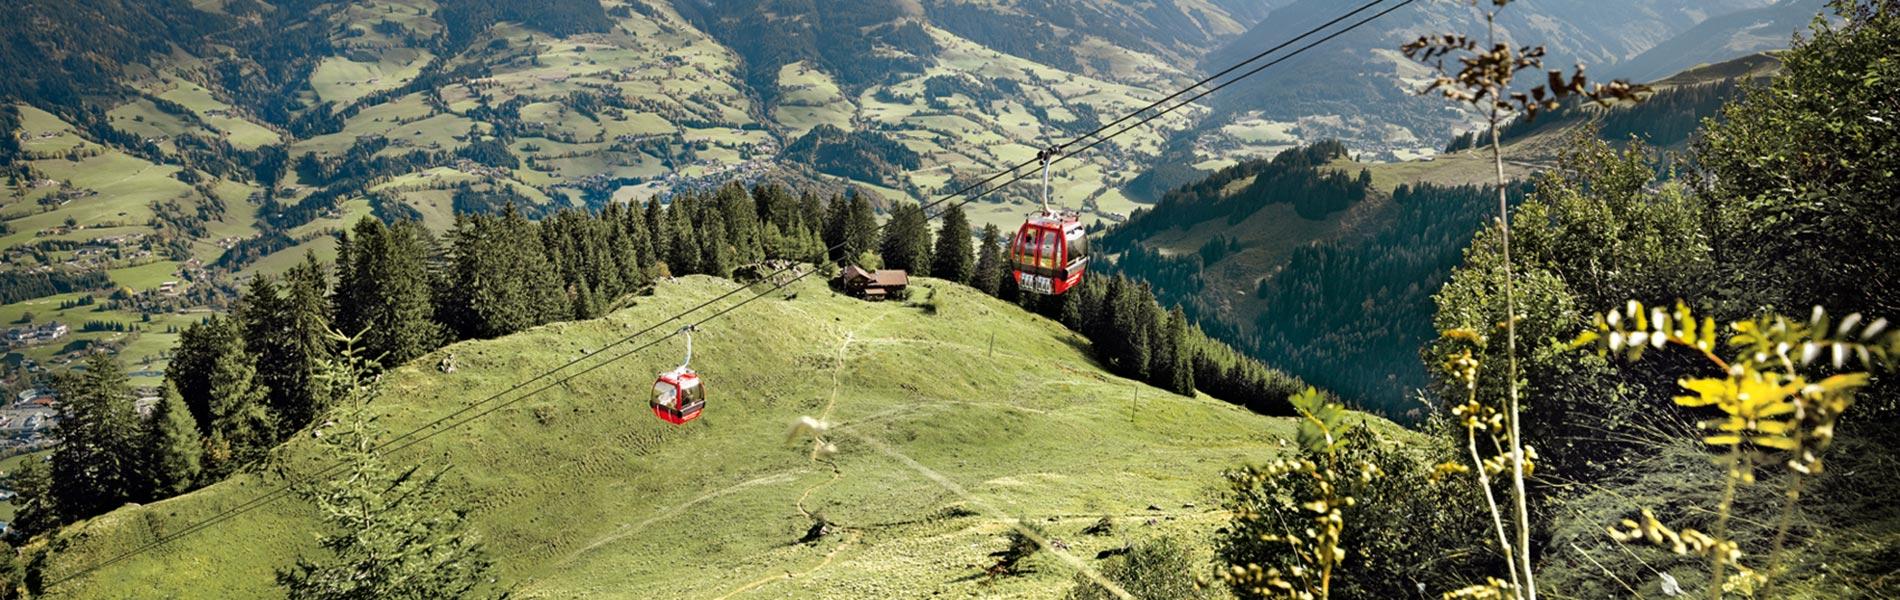 Kitzbüheler Alpen Sommer Card Relais & Châteaux Hotel Rosengarten